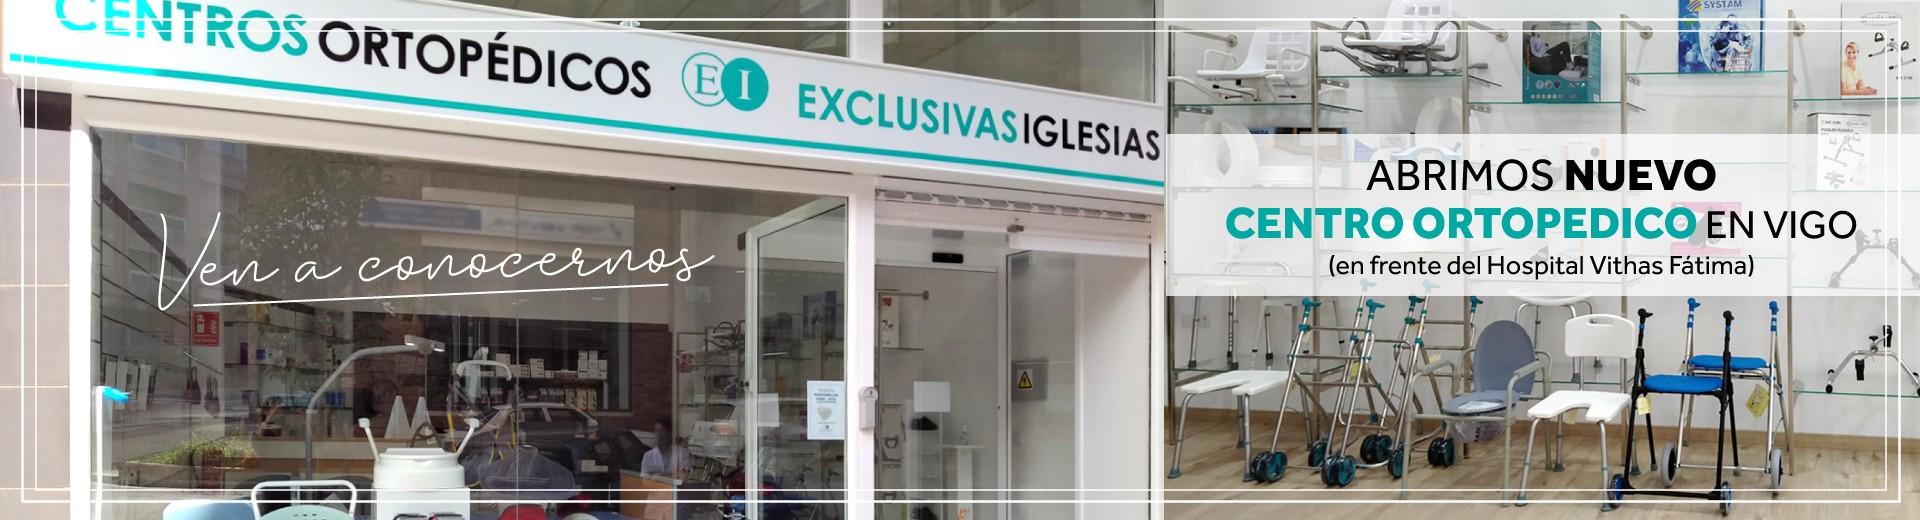 Abrimos NUEVO CENTRO ORTOPEDICO en Vigo (en frente del Hospital de Fátima)